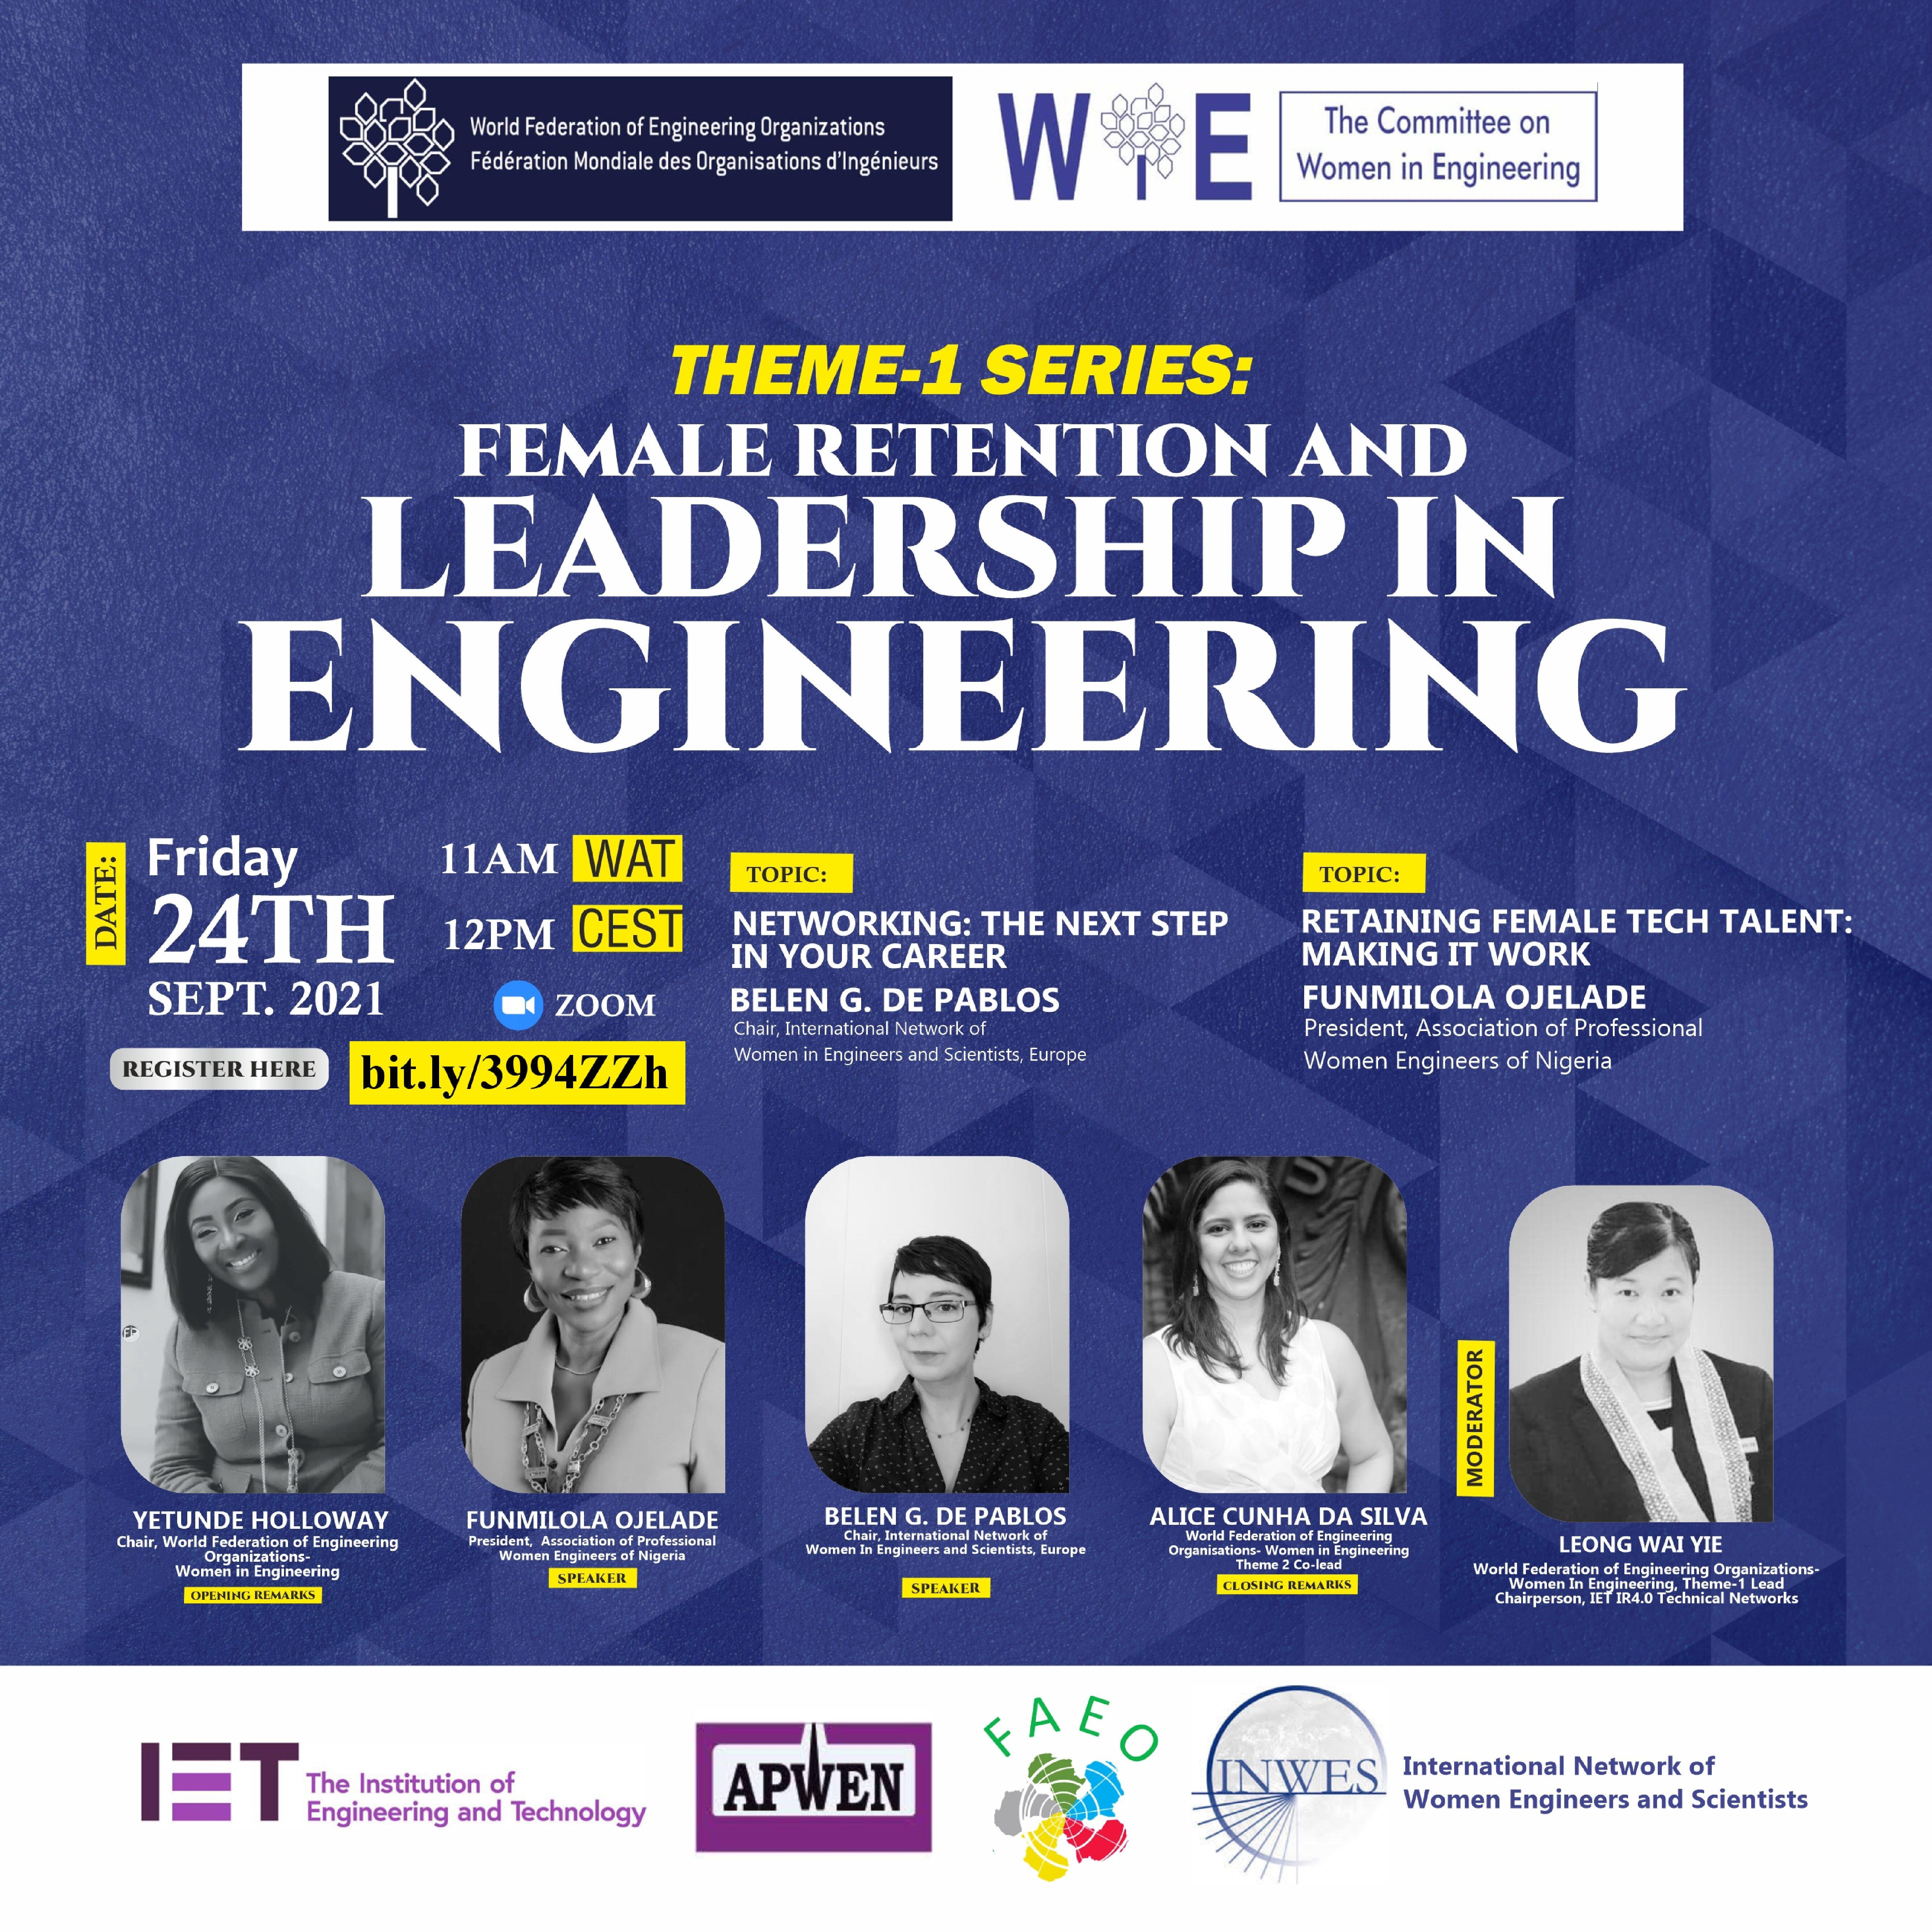 WFEO WIE(Committee on Women in Engineering) Webinar